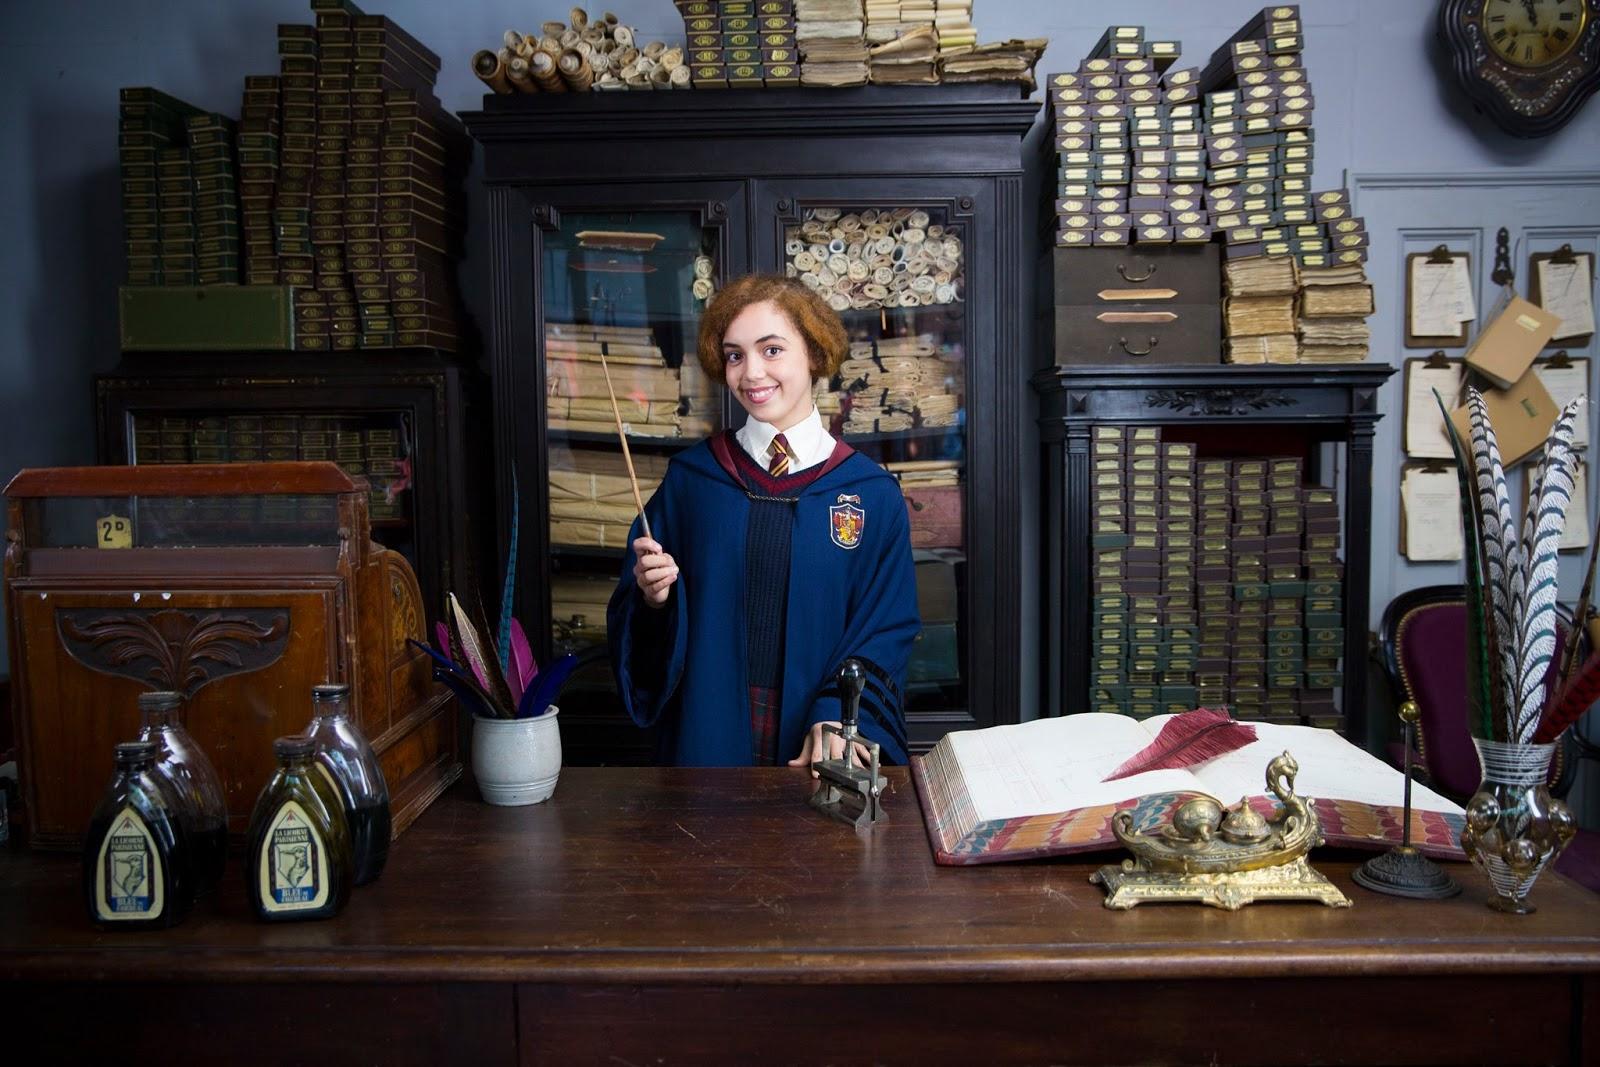 """RUMOR: O uniforme de Hogwarts em """"Os Crimes de Grindelwald"""" seria azul?"""